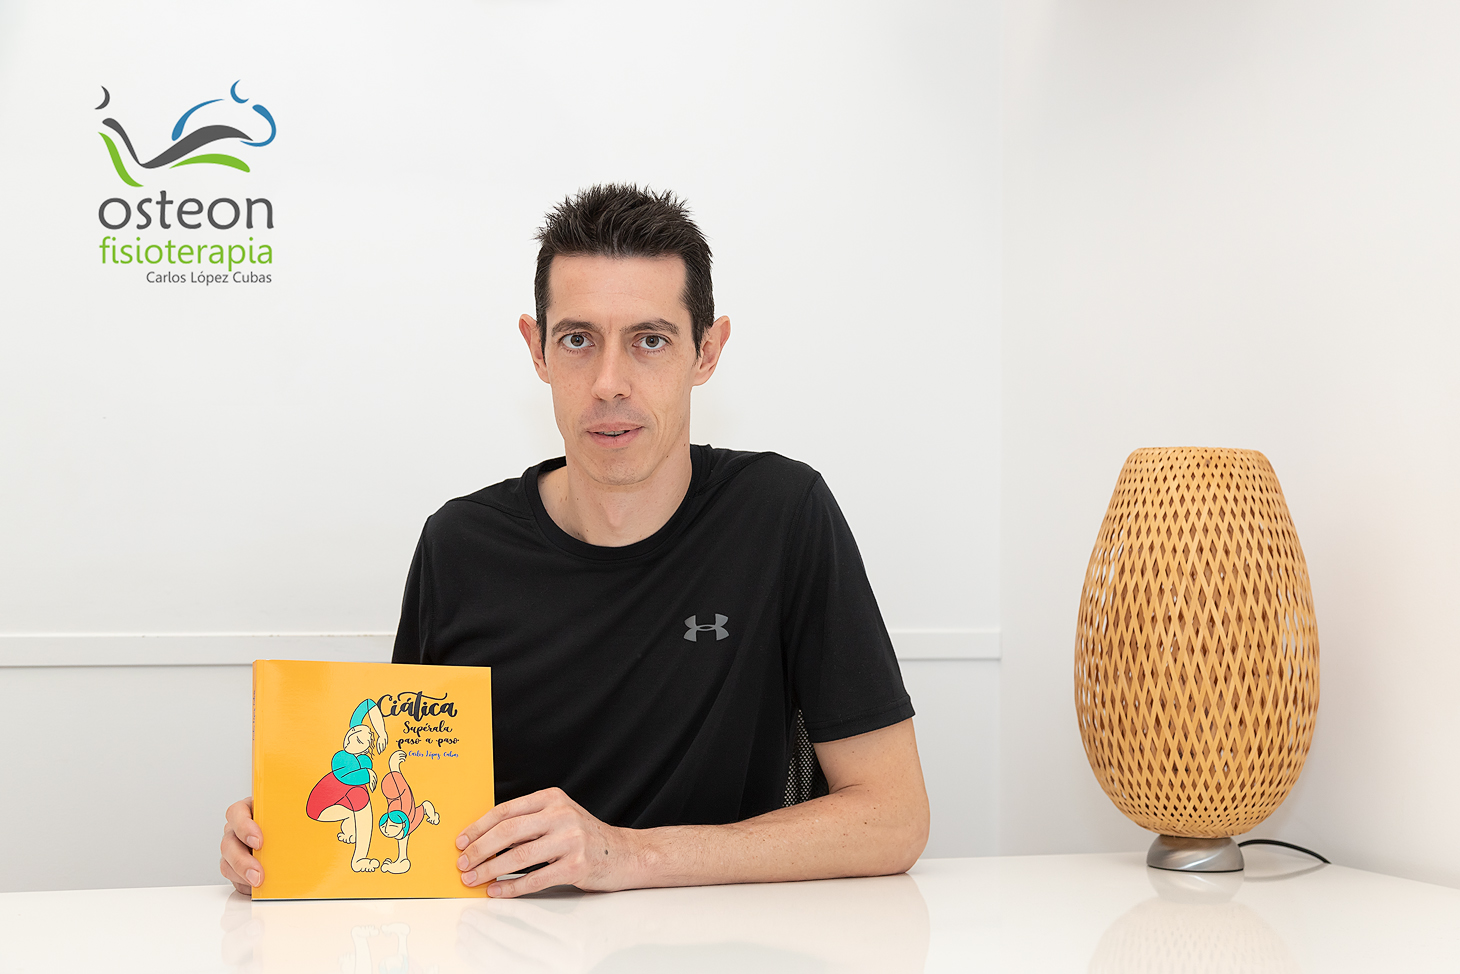 """El fisioterapeuta Carlos López Cubas publica su libro """"Ciática, supérala paso a paso"""""""